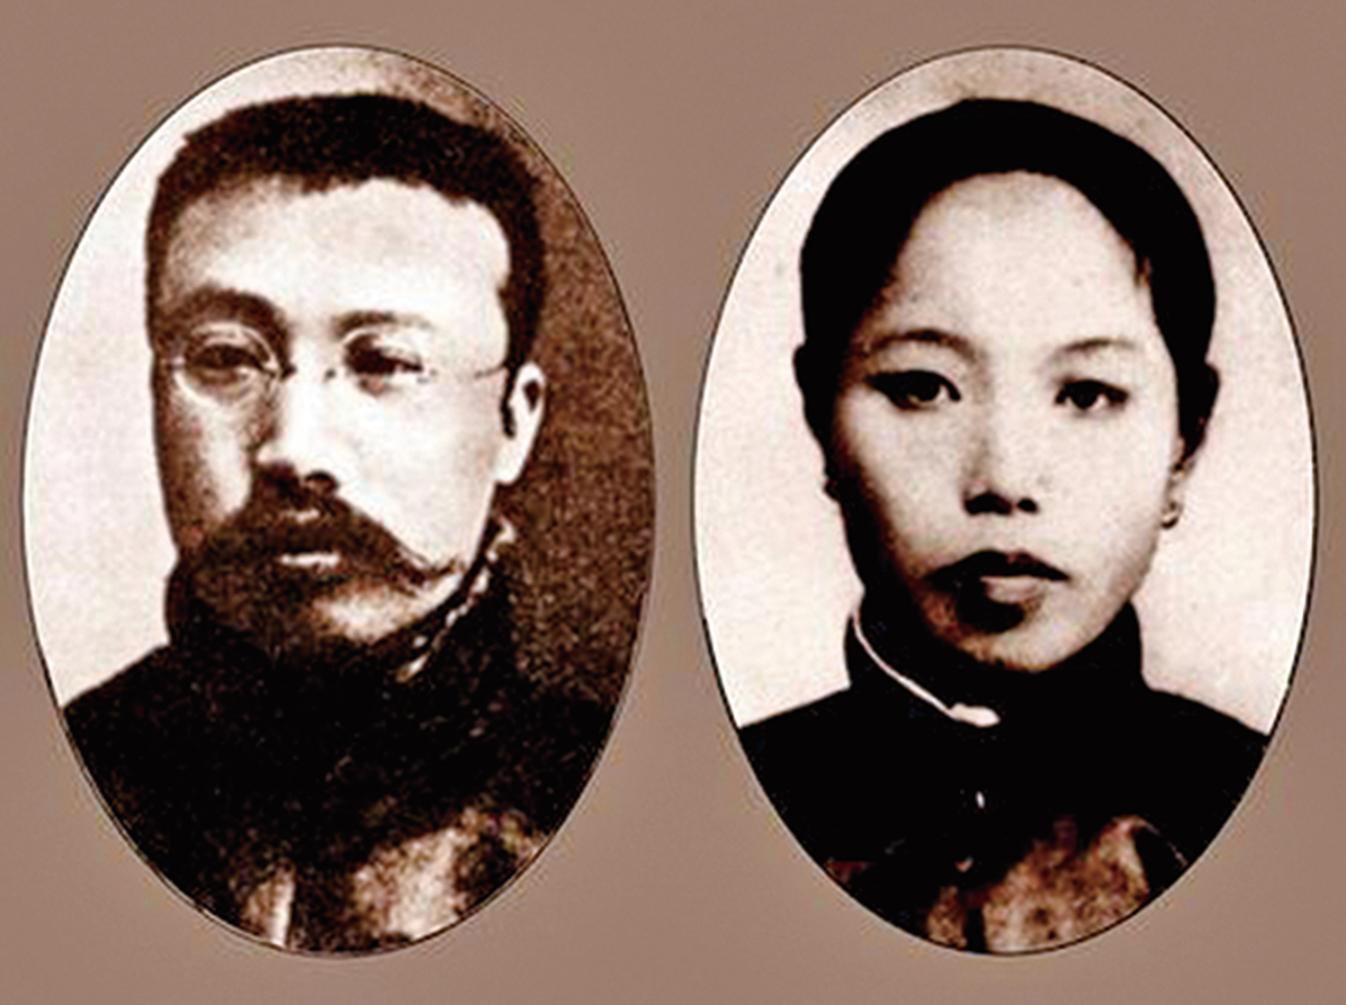 與蘇俄、中共勾結背叛自己祖國的李大釗及其夫人。(網絡圖片)